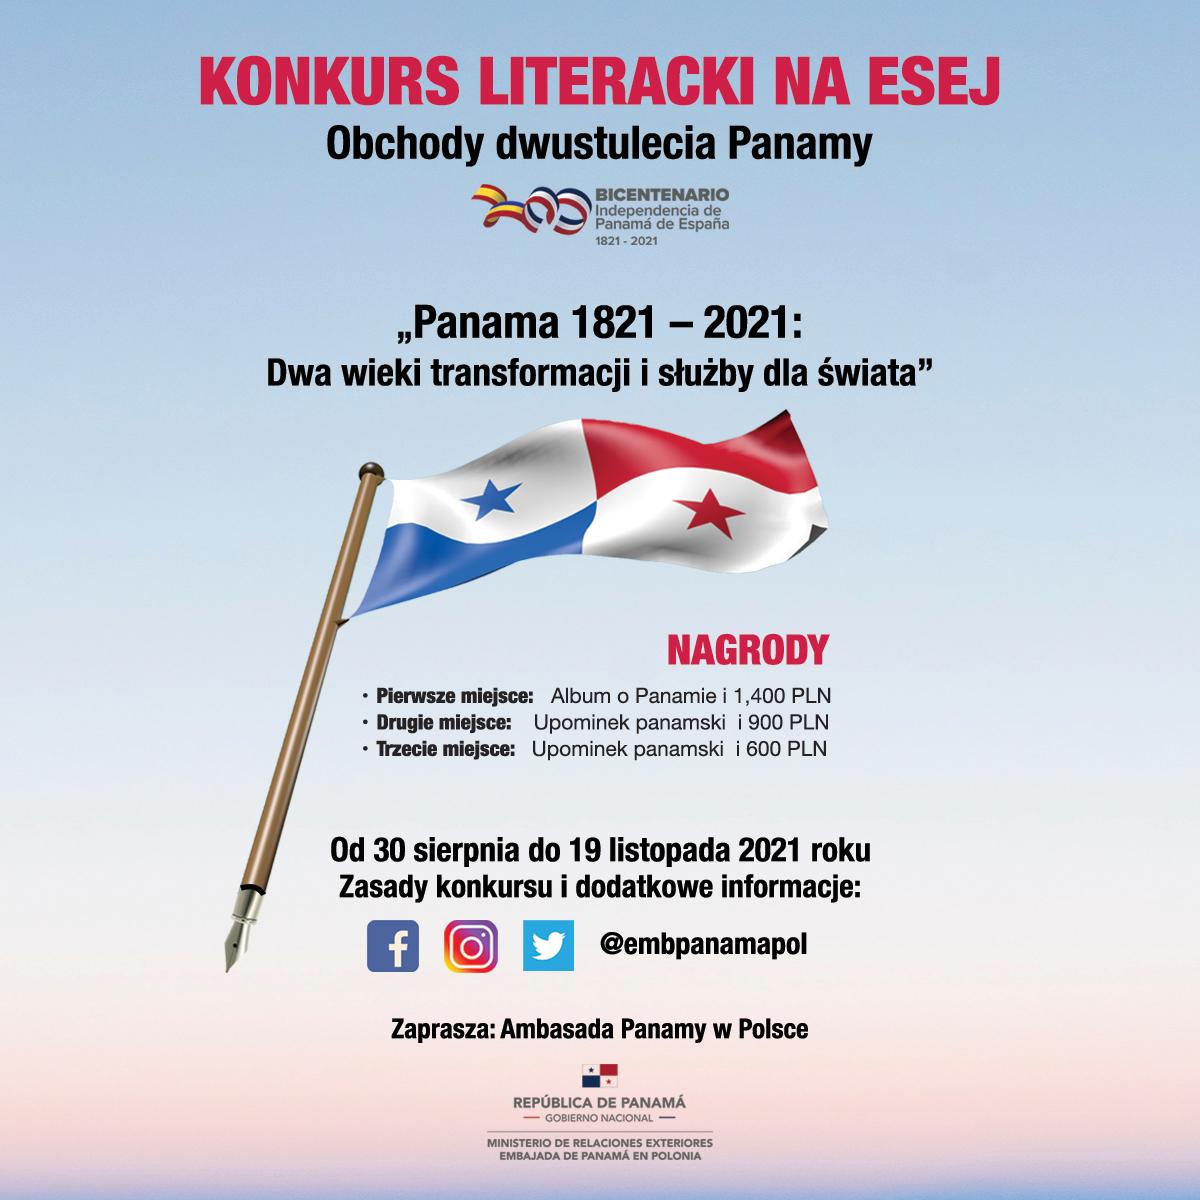 Konkurs na esej literacki: Panama 1821-2021. Dwa stulecia transformacji i służby dla świata